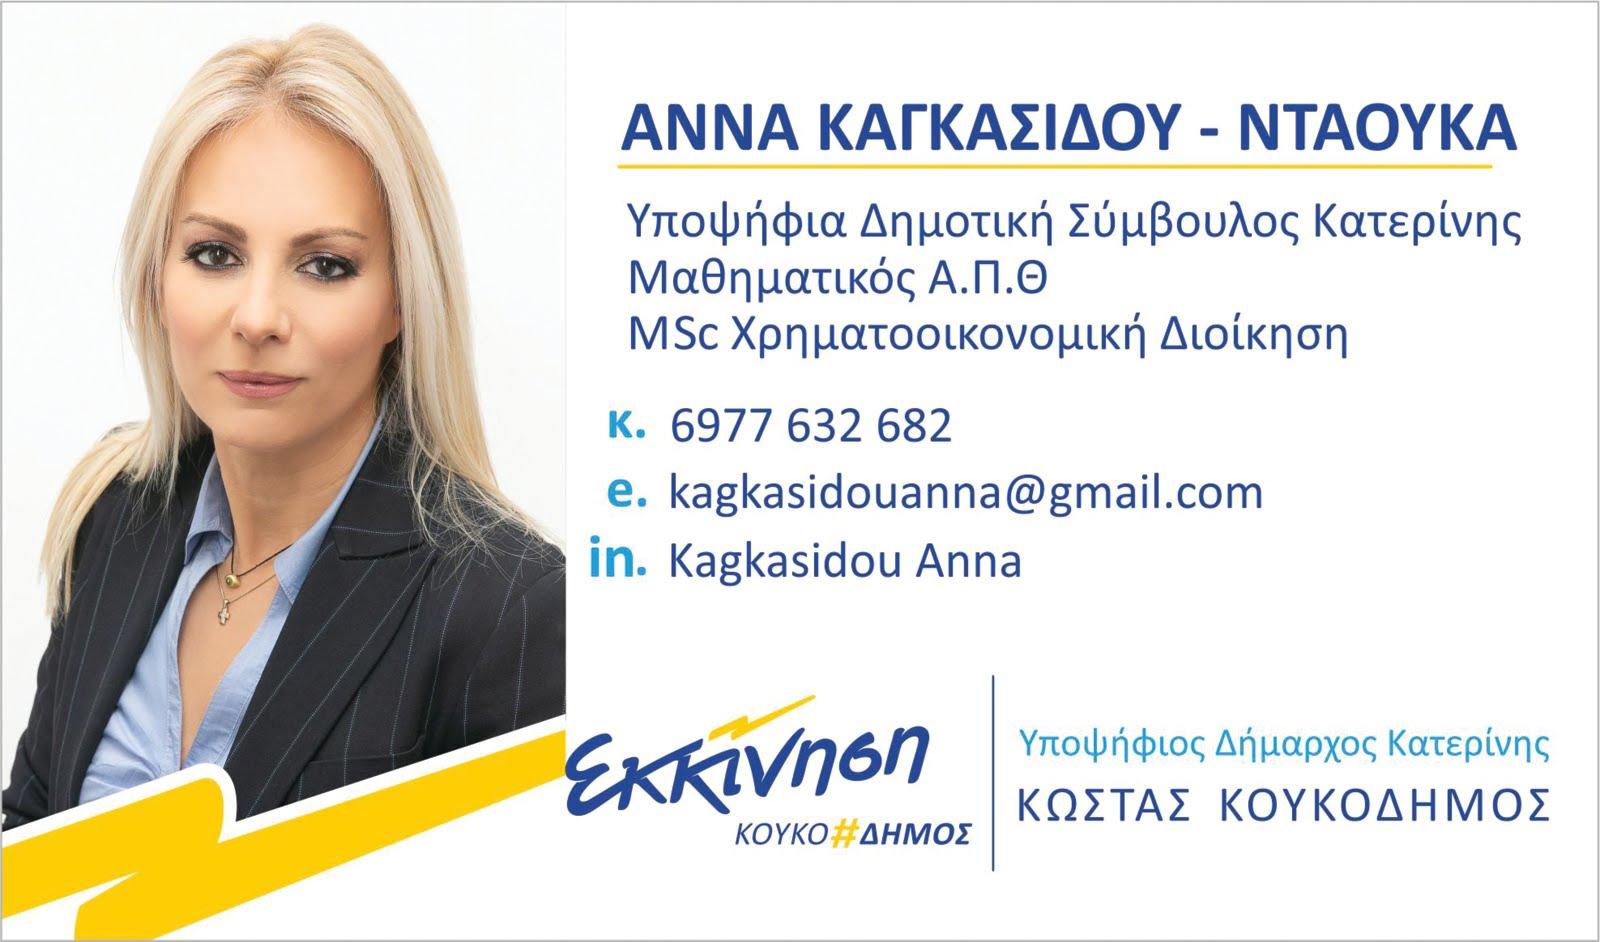 ΑΝΝΑ ΚΑΓΚΑΣΙΔΟΥ - ΝΤΑΟΥΚΑ